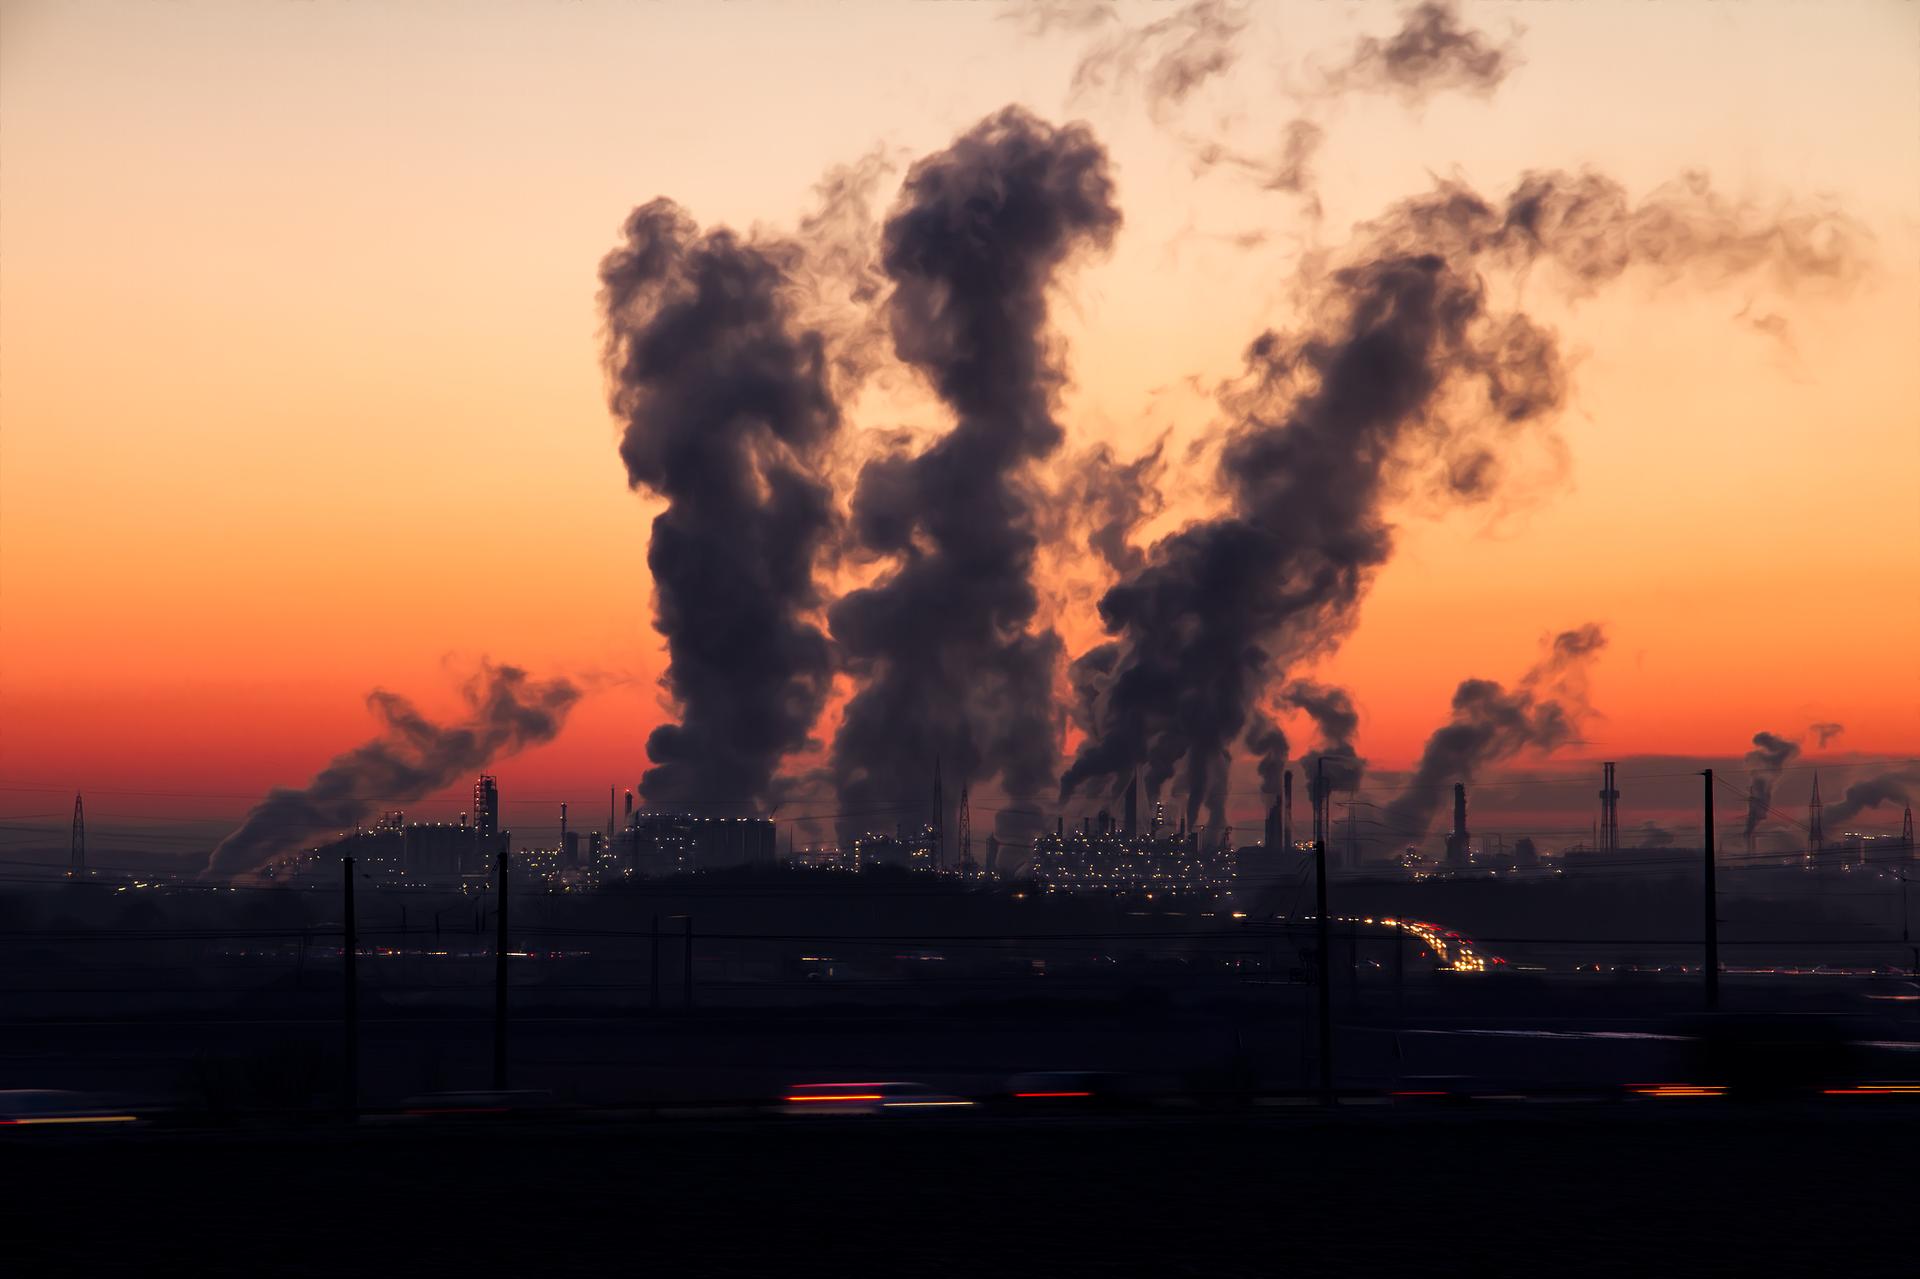 Industrierauchwolken steigen in den Himmel.